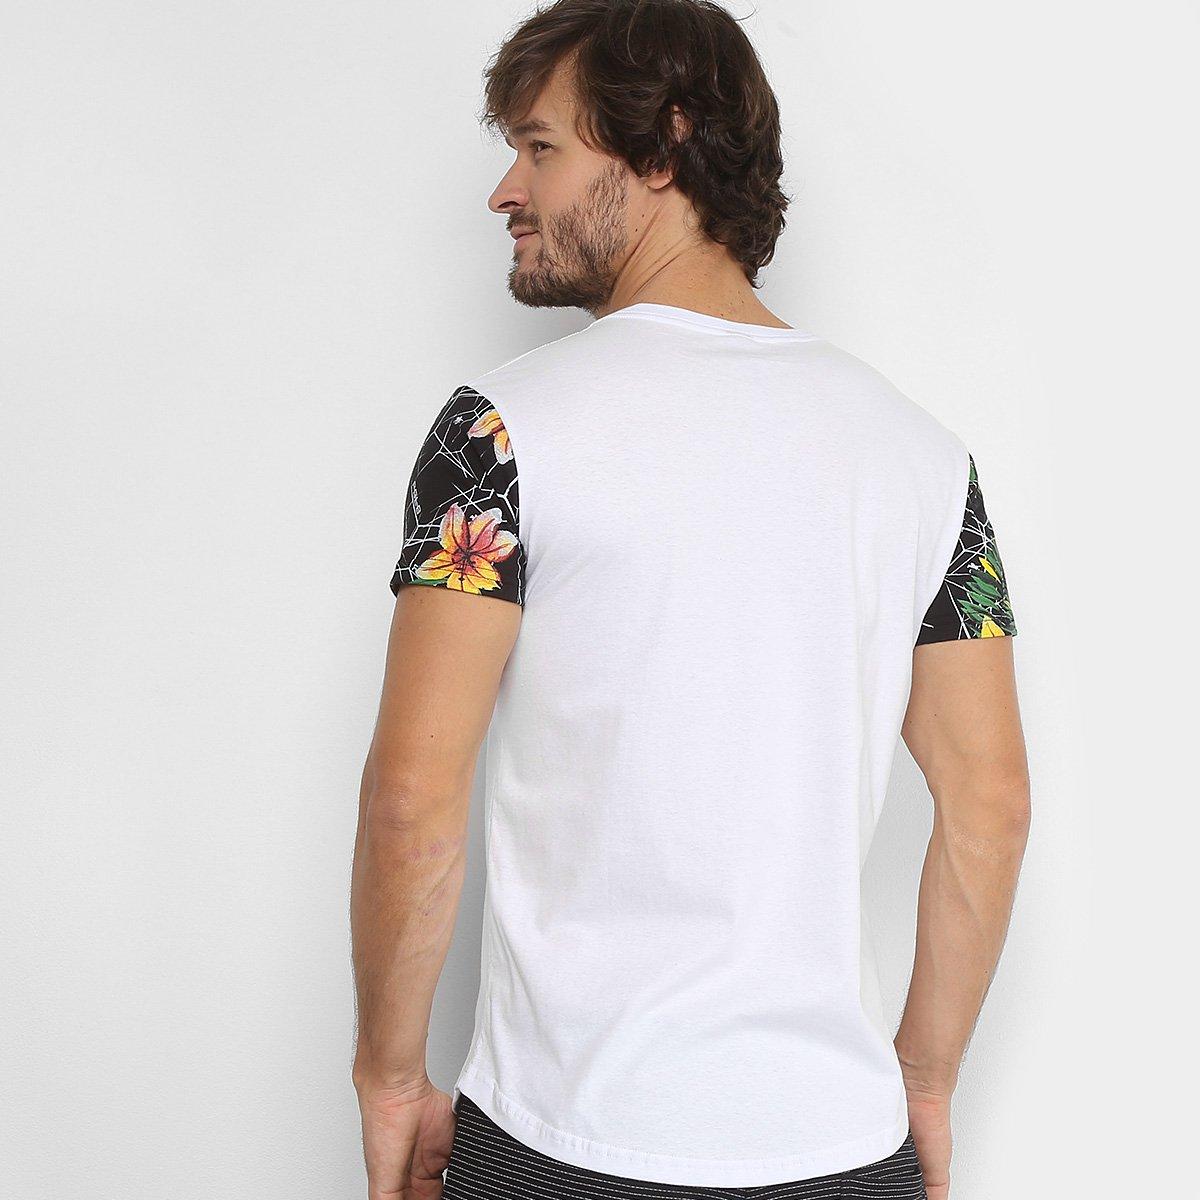 Camiseta Polo RG 518 Manga Estampada Logo Masculina - Compre Agora ... f70218c87d4d8